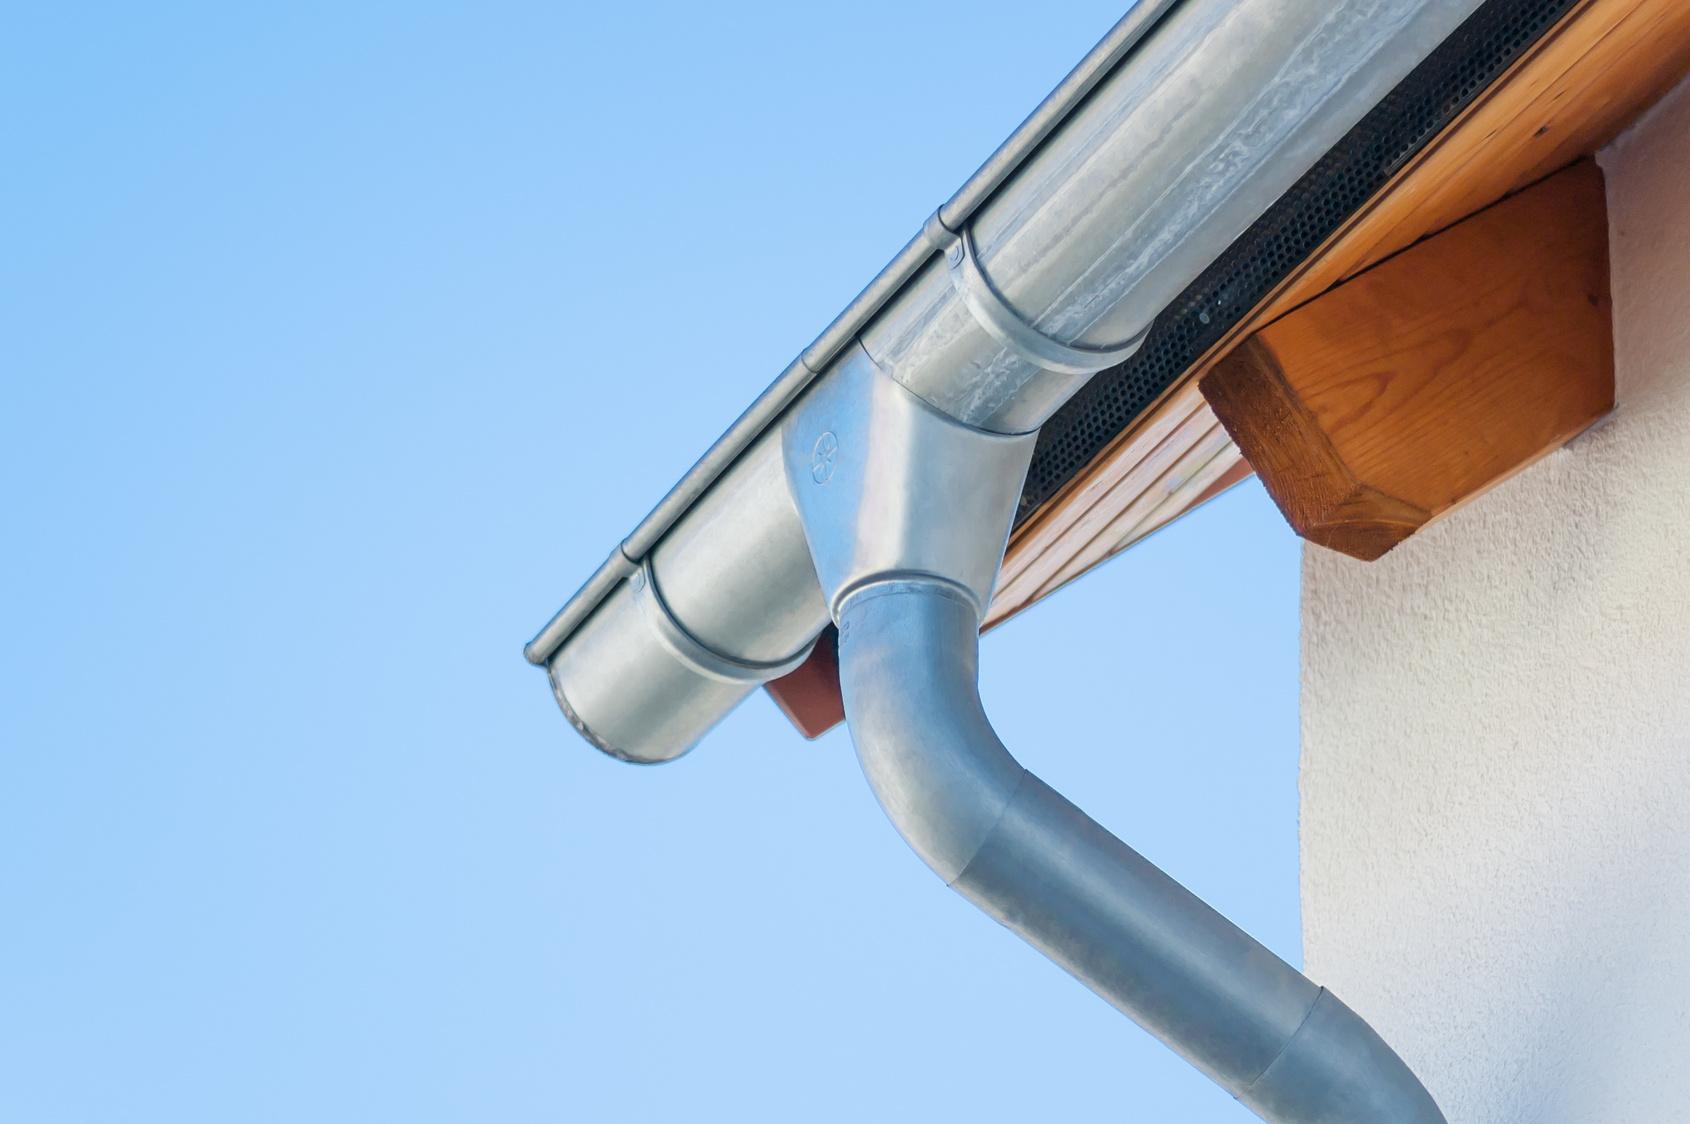 Bezpieczne dachy, rynny i rury spustowe